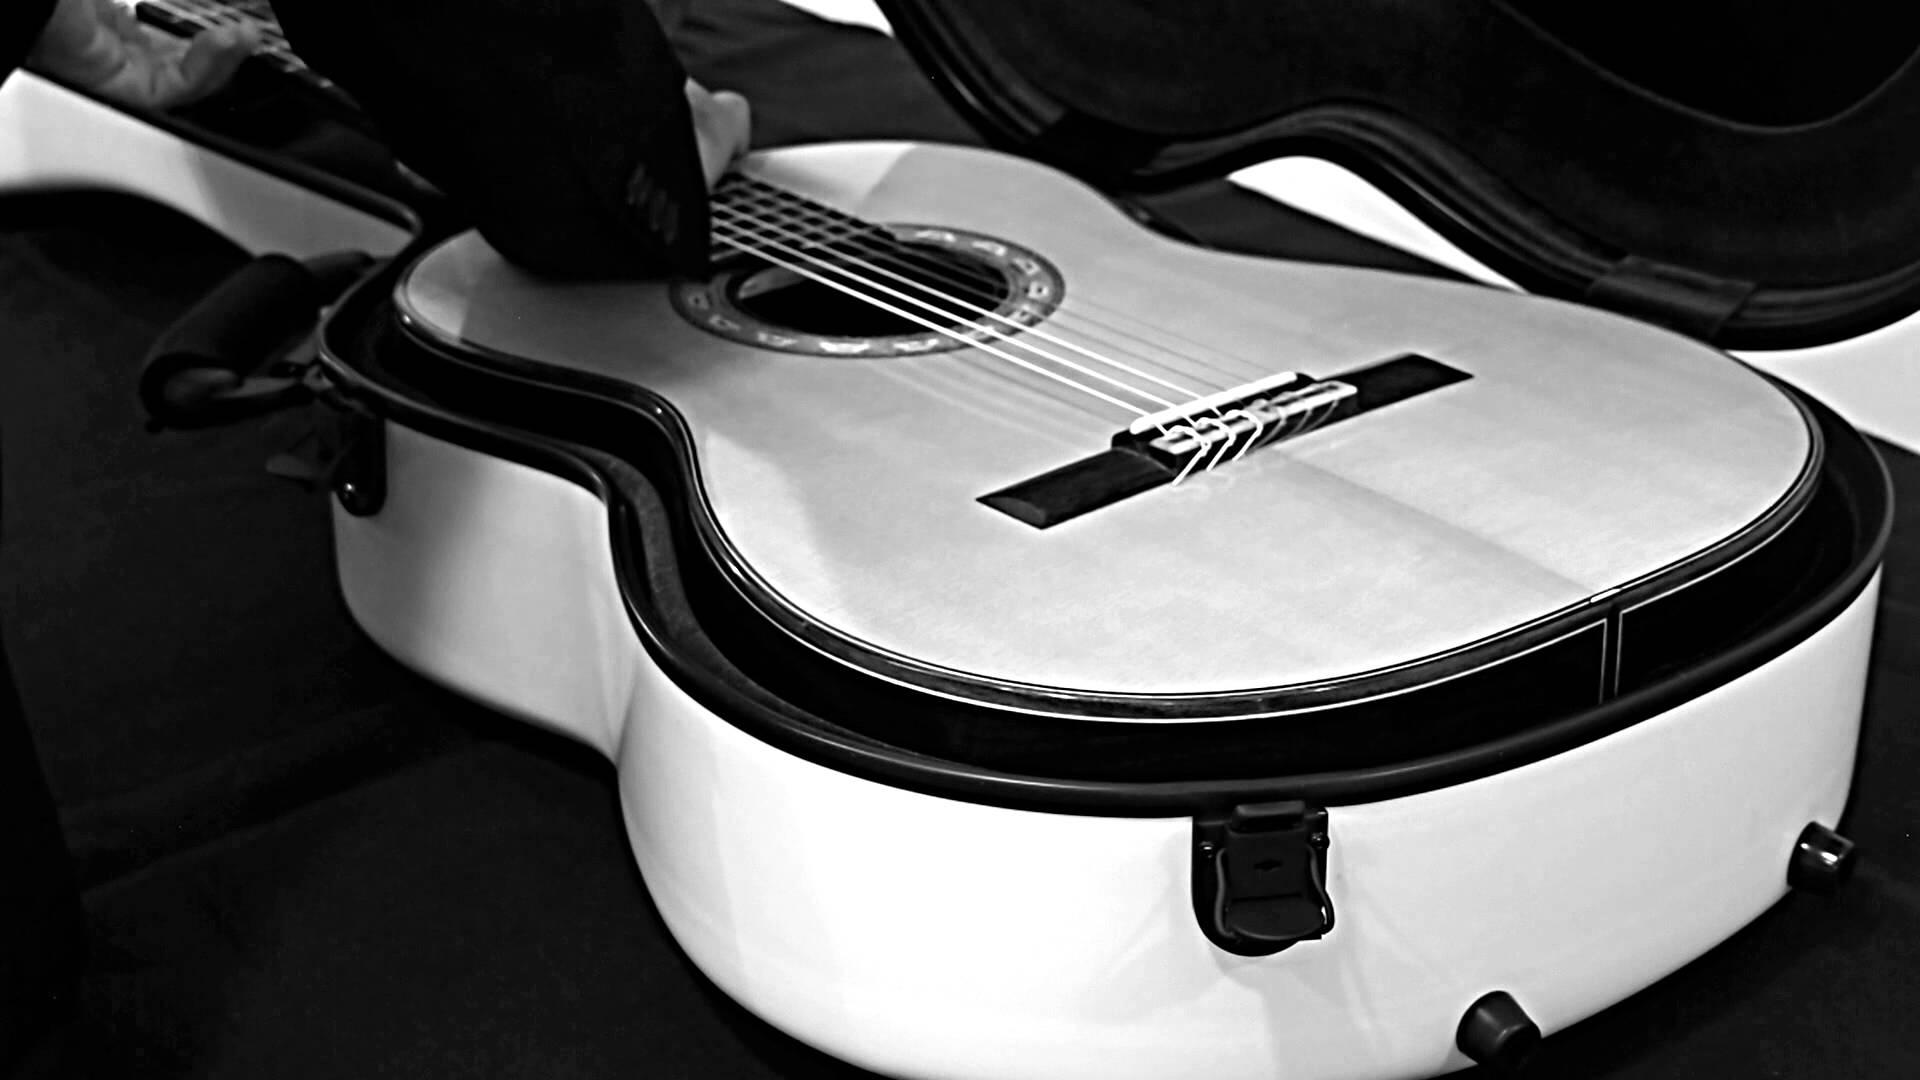 ec09914fc7 You Lament the Effort... - Acoustic Life